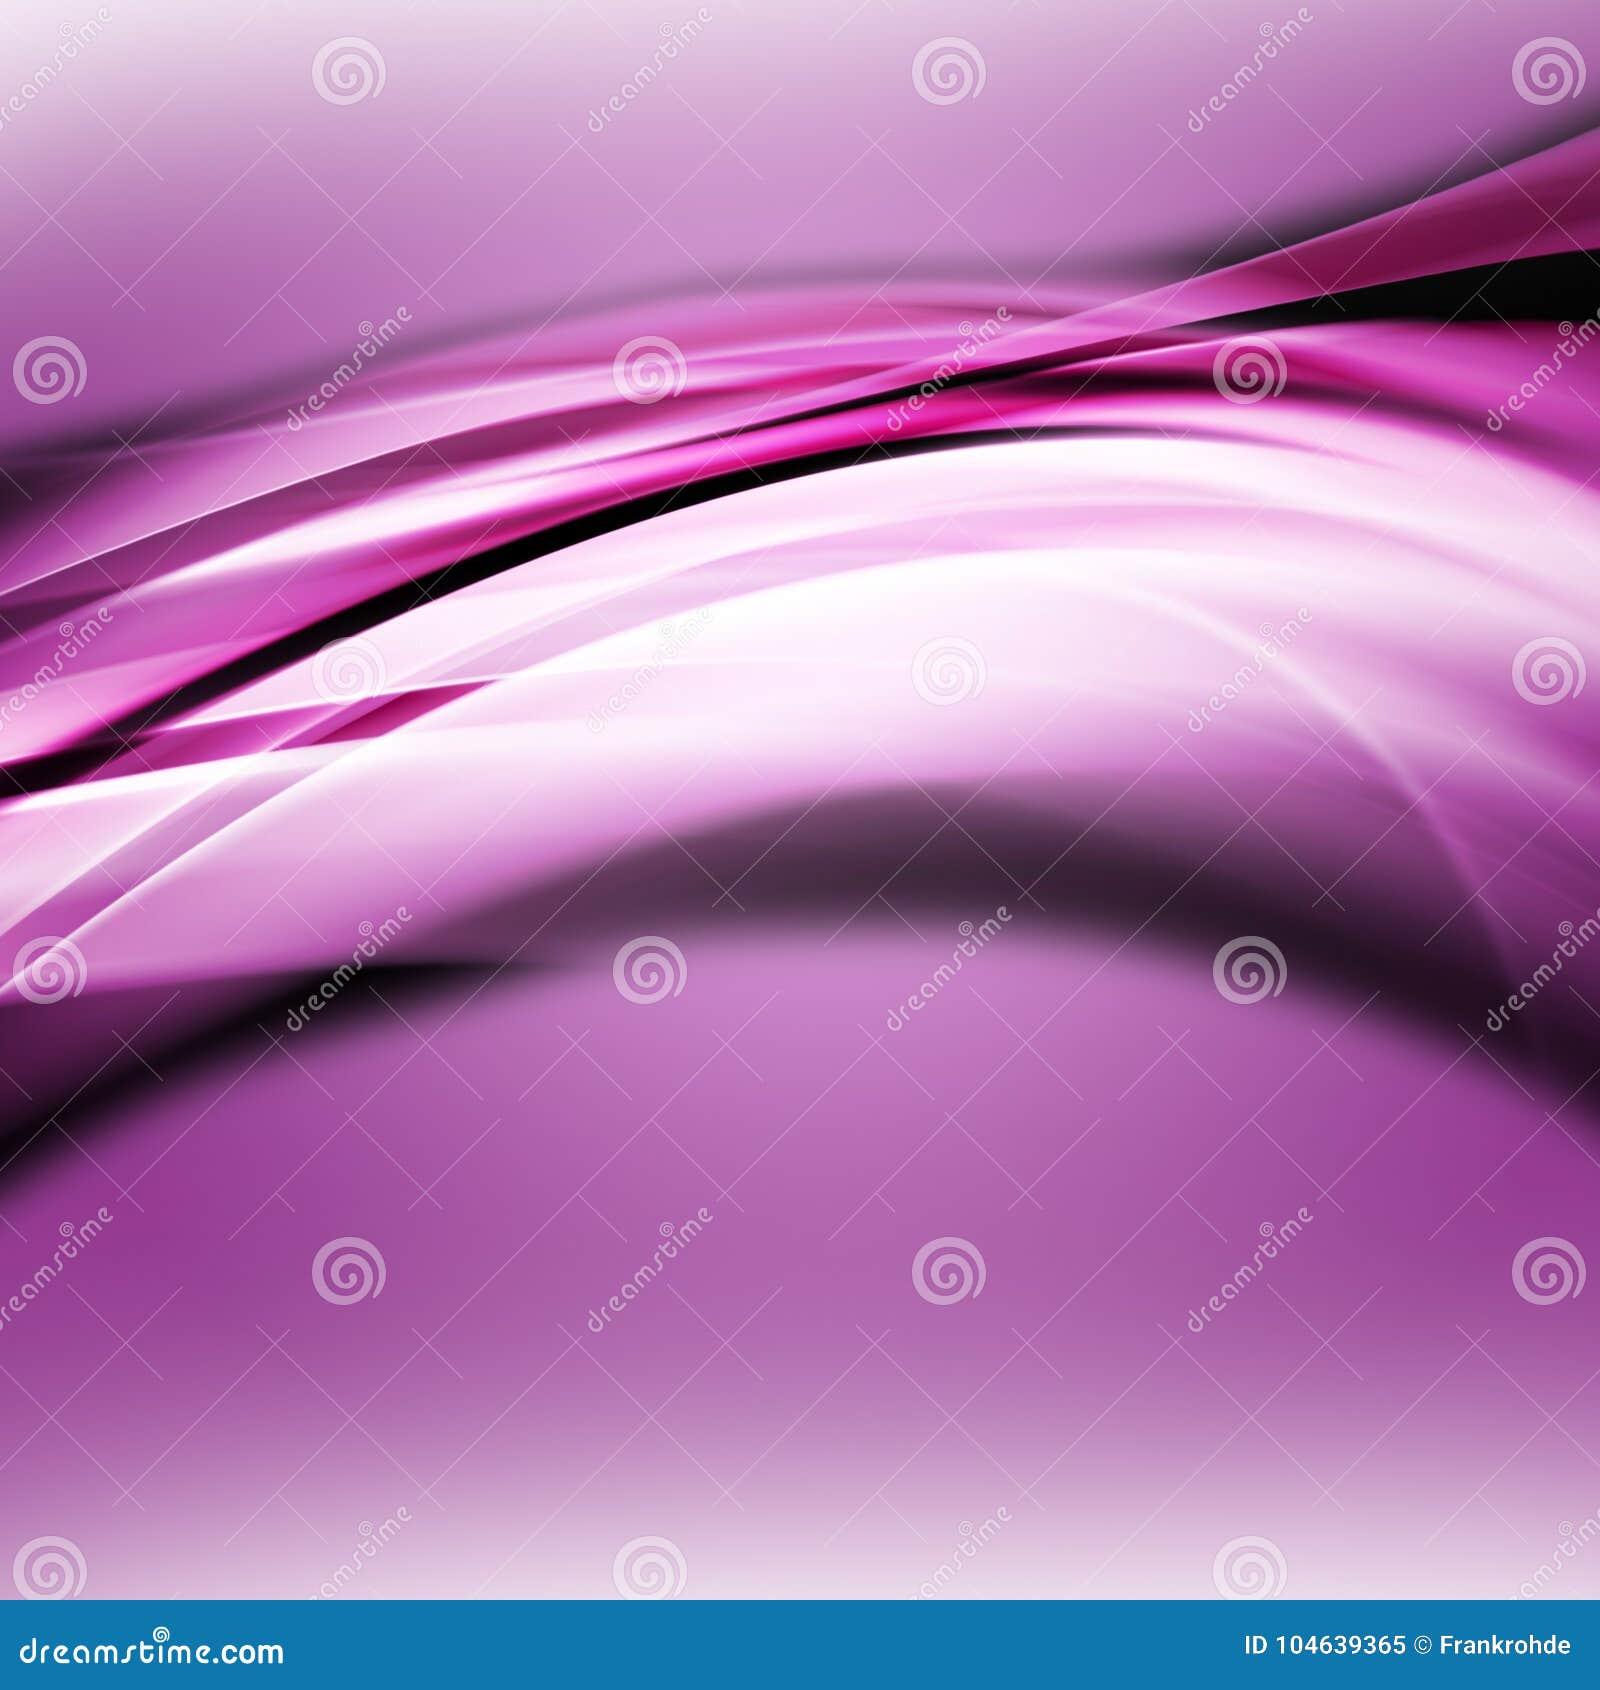 Download Abstract Elegant Romantisch Ontwerp Als Achtergrond Stock Illustratie - Illustratie bestaande uit concept, emotie: 104639365